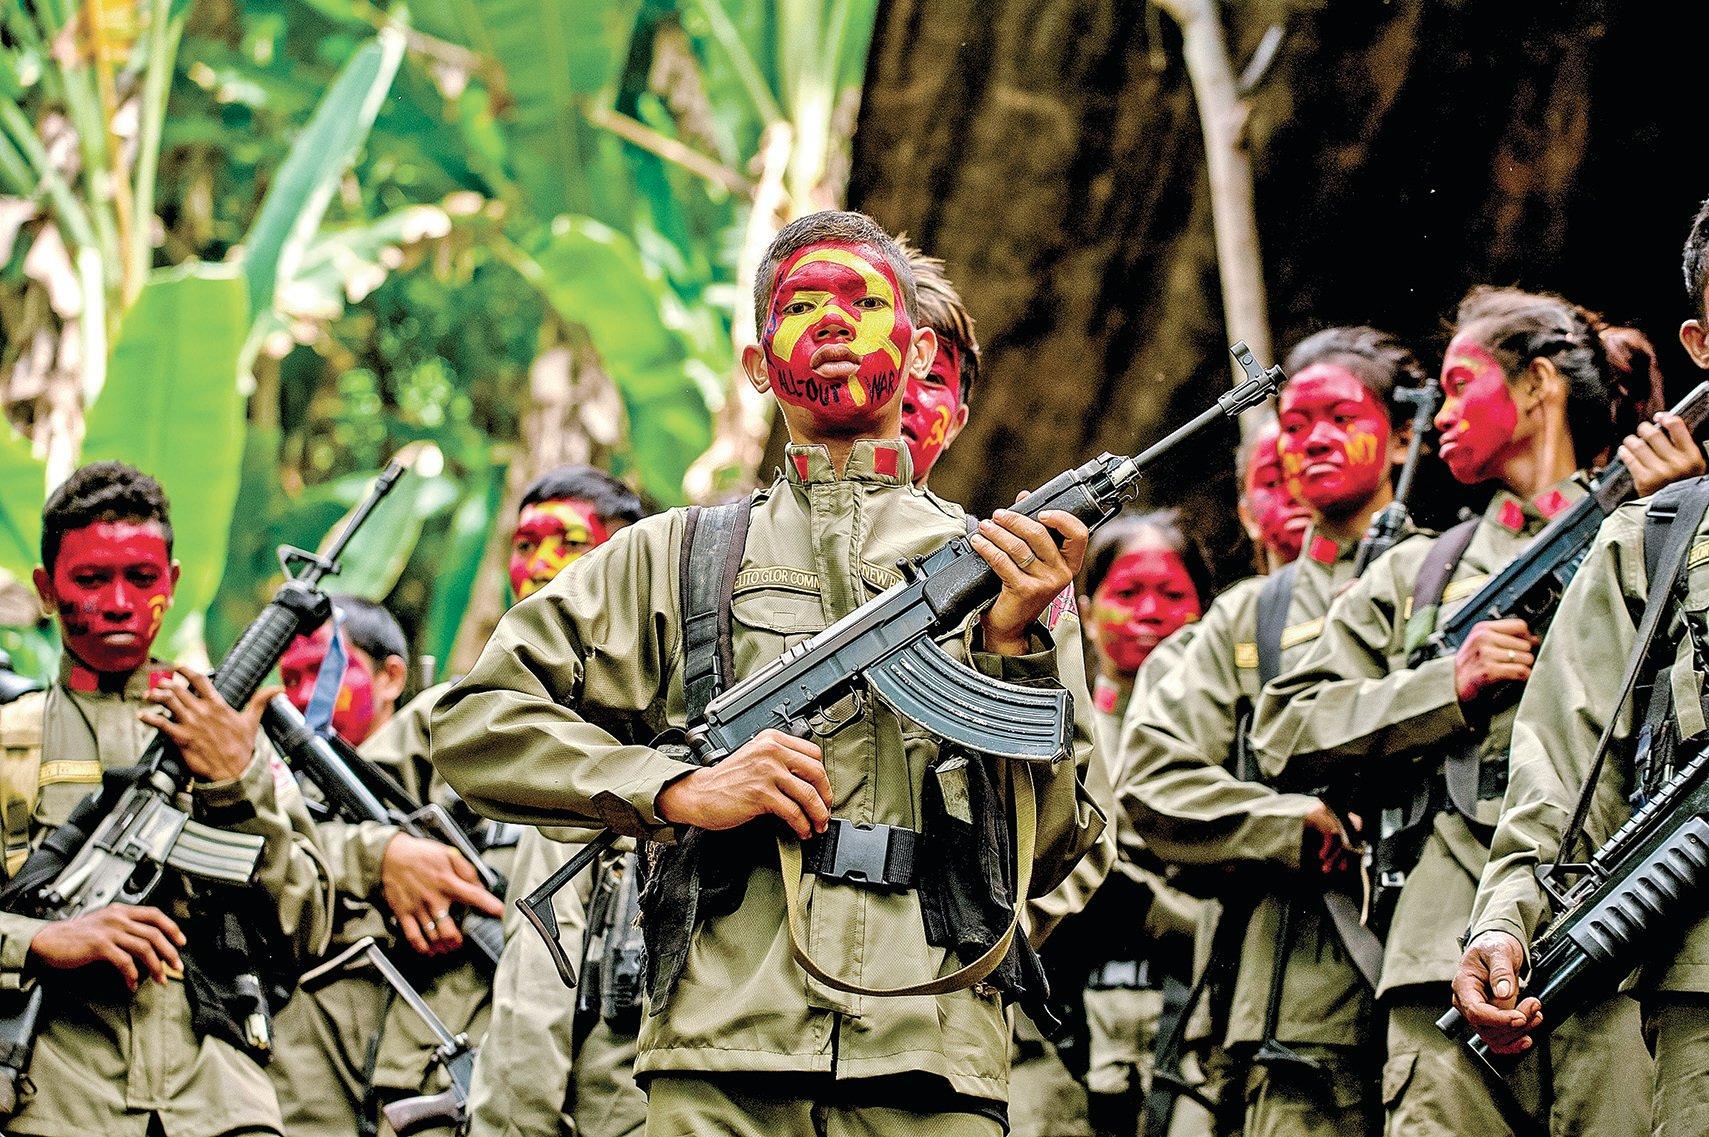 菲共宣佈:未來將對中國企業施加襲擊。這將嚴重打擊中共的「一帶一路」。菲共信仰毛澤東思想,使用毛的軍事戰略,用來打擊中共,可見世事變幻。圖為2017年在叢林中的菲共游擊隊。(Getty Images)